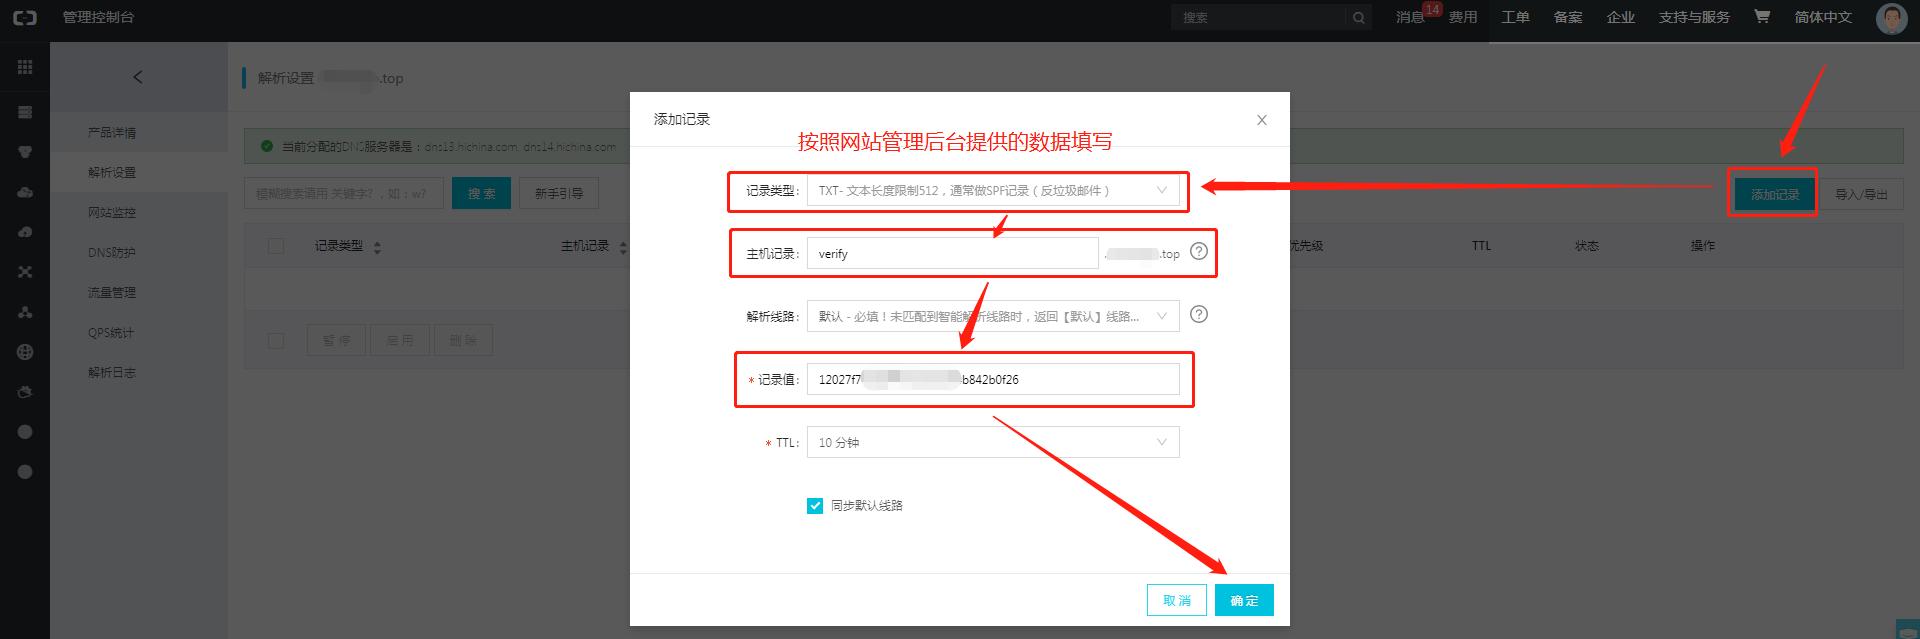 网站域名解析绑定